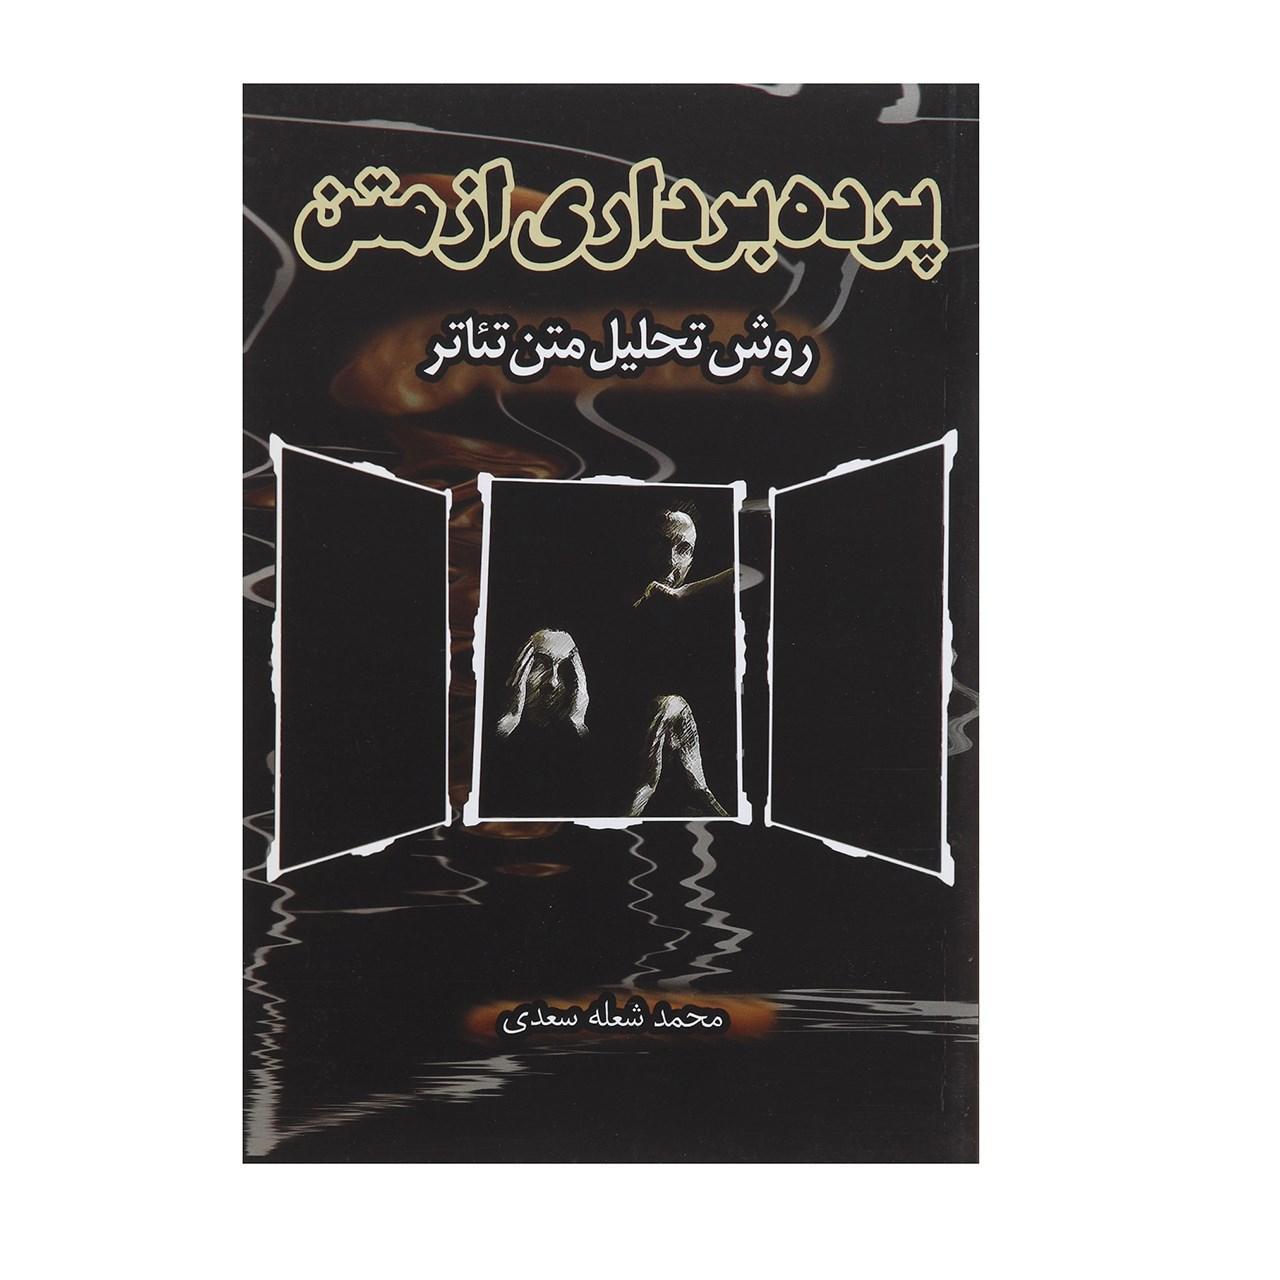 کتاب پرده برداری از متن اثر محمد شعله سعدی